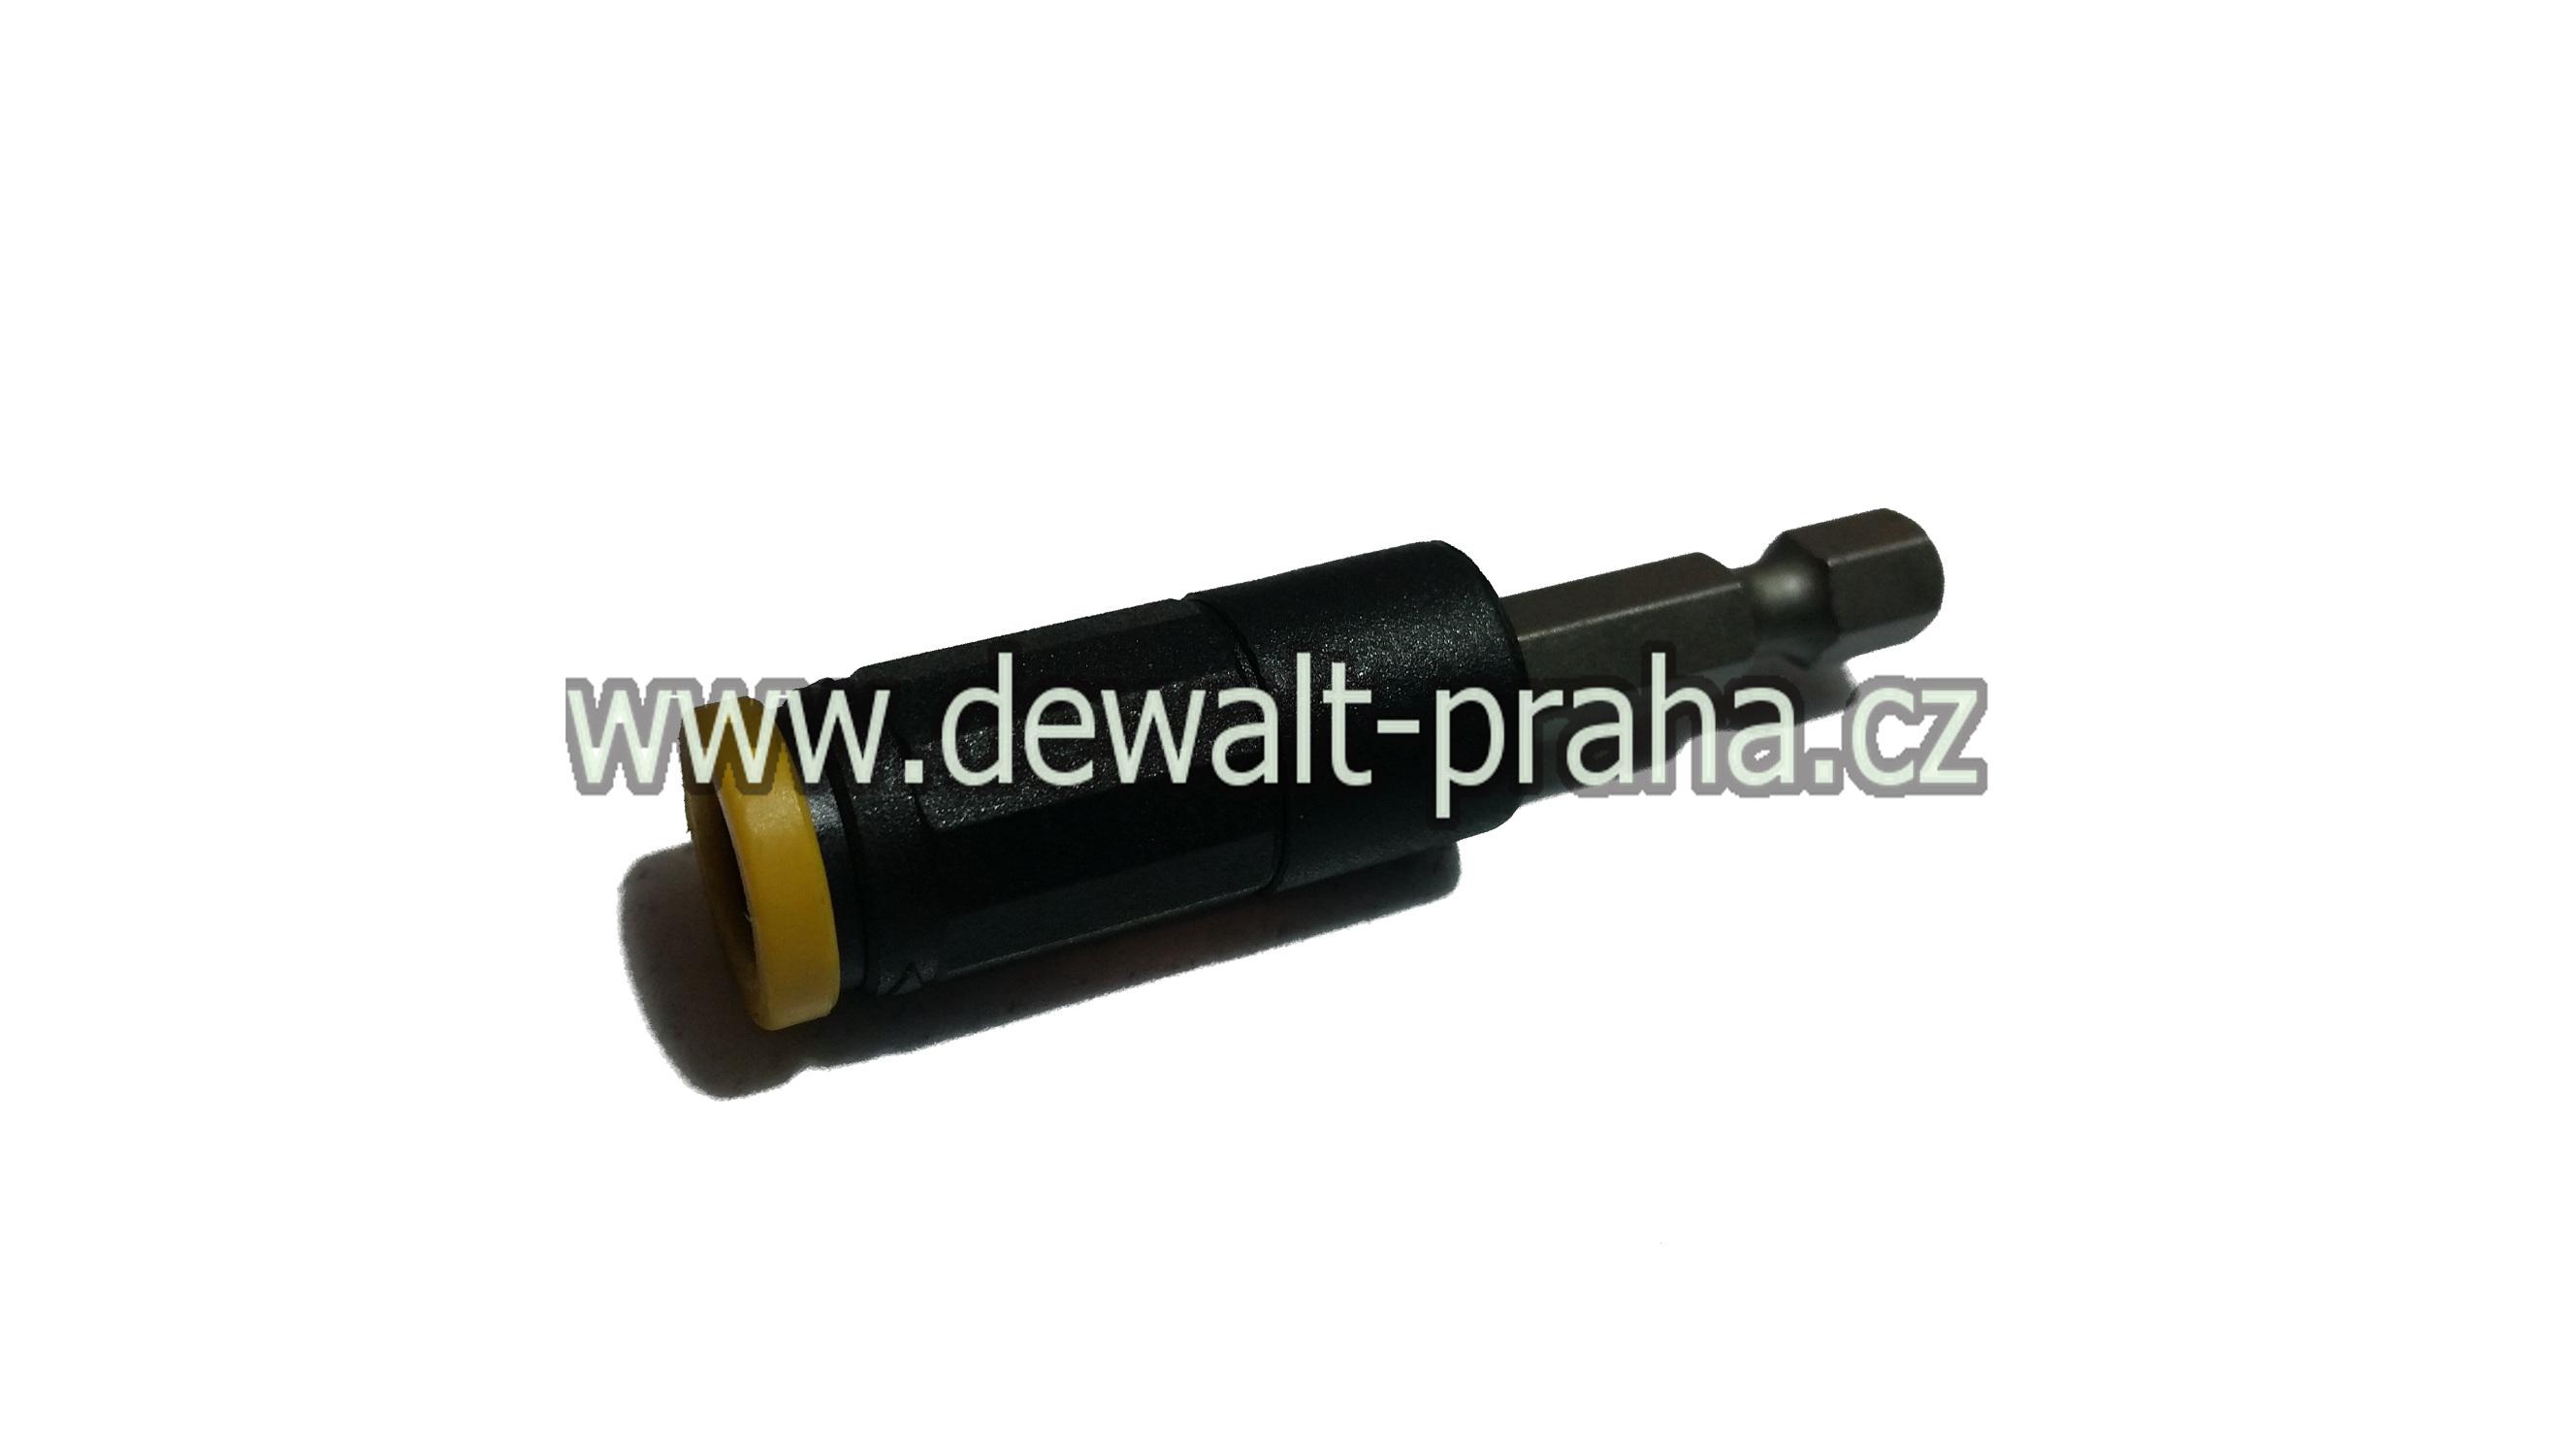 DT7502 DeWALT Rychloupínací magnetický držák 60 mm